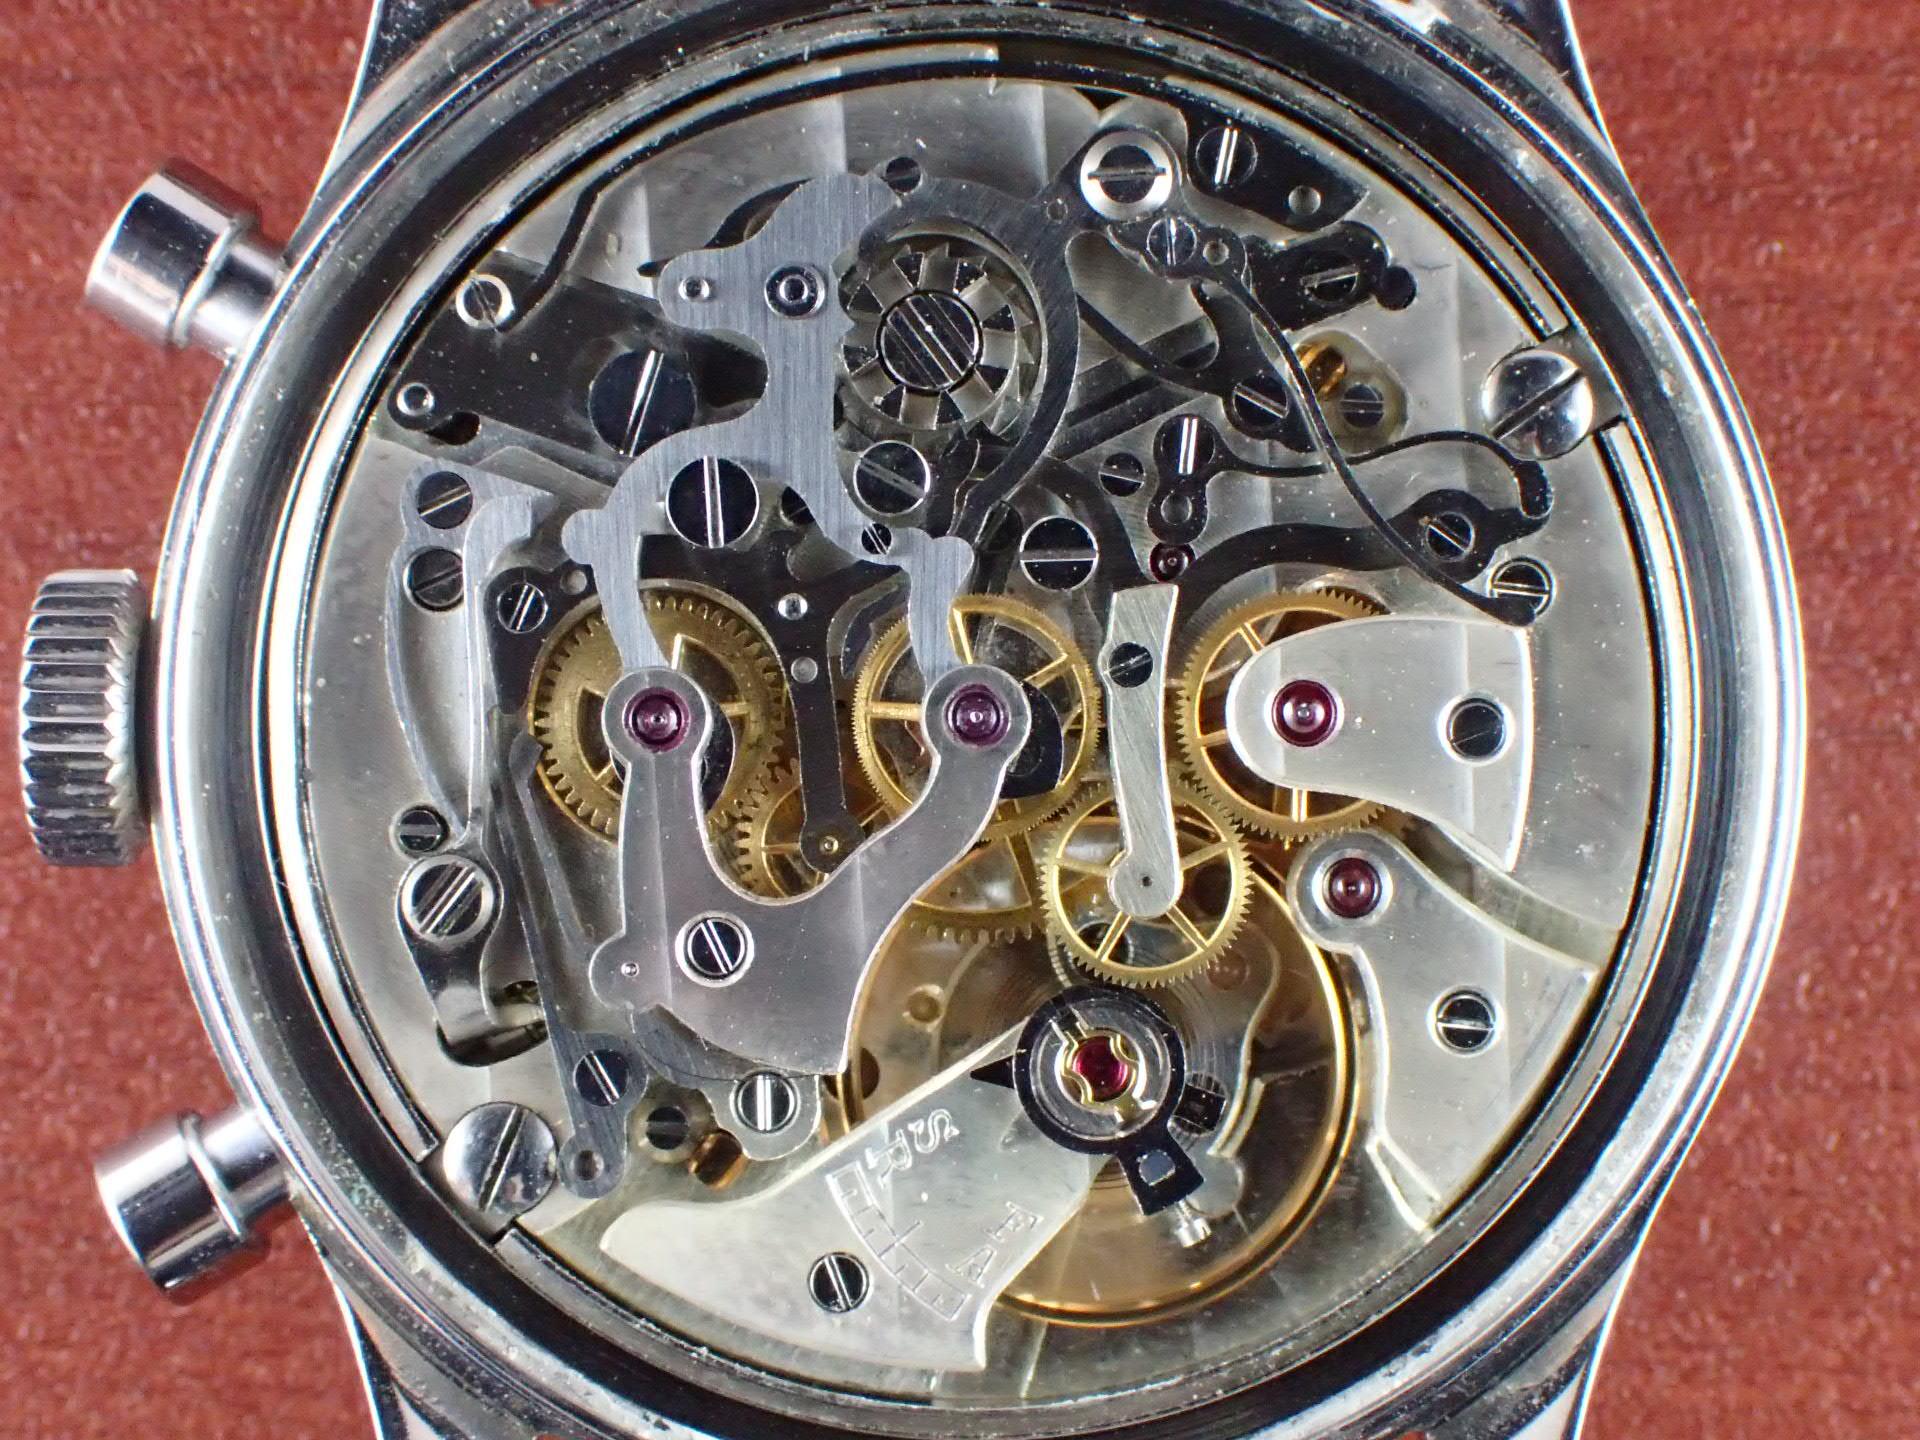 エクセルシオパーク クロノグラフ キャリバー4 シルバーマットDL 1960年代の写真5枚目